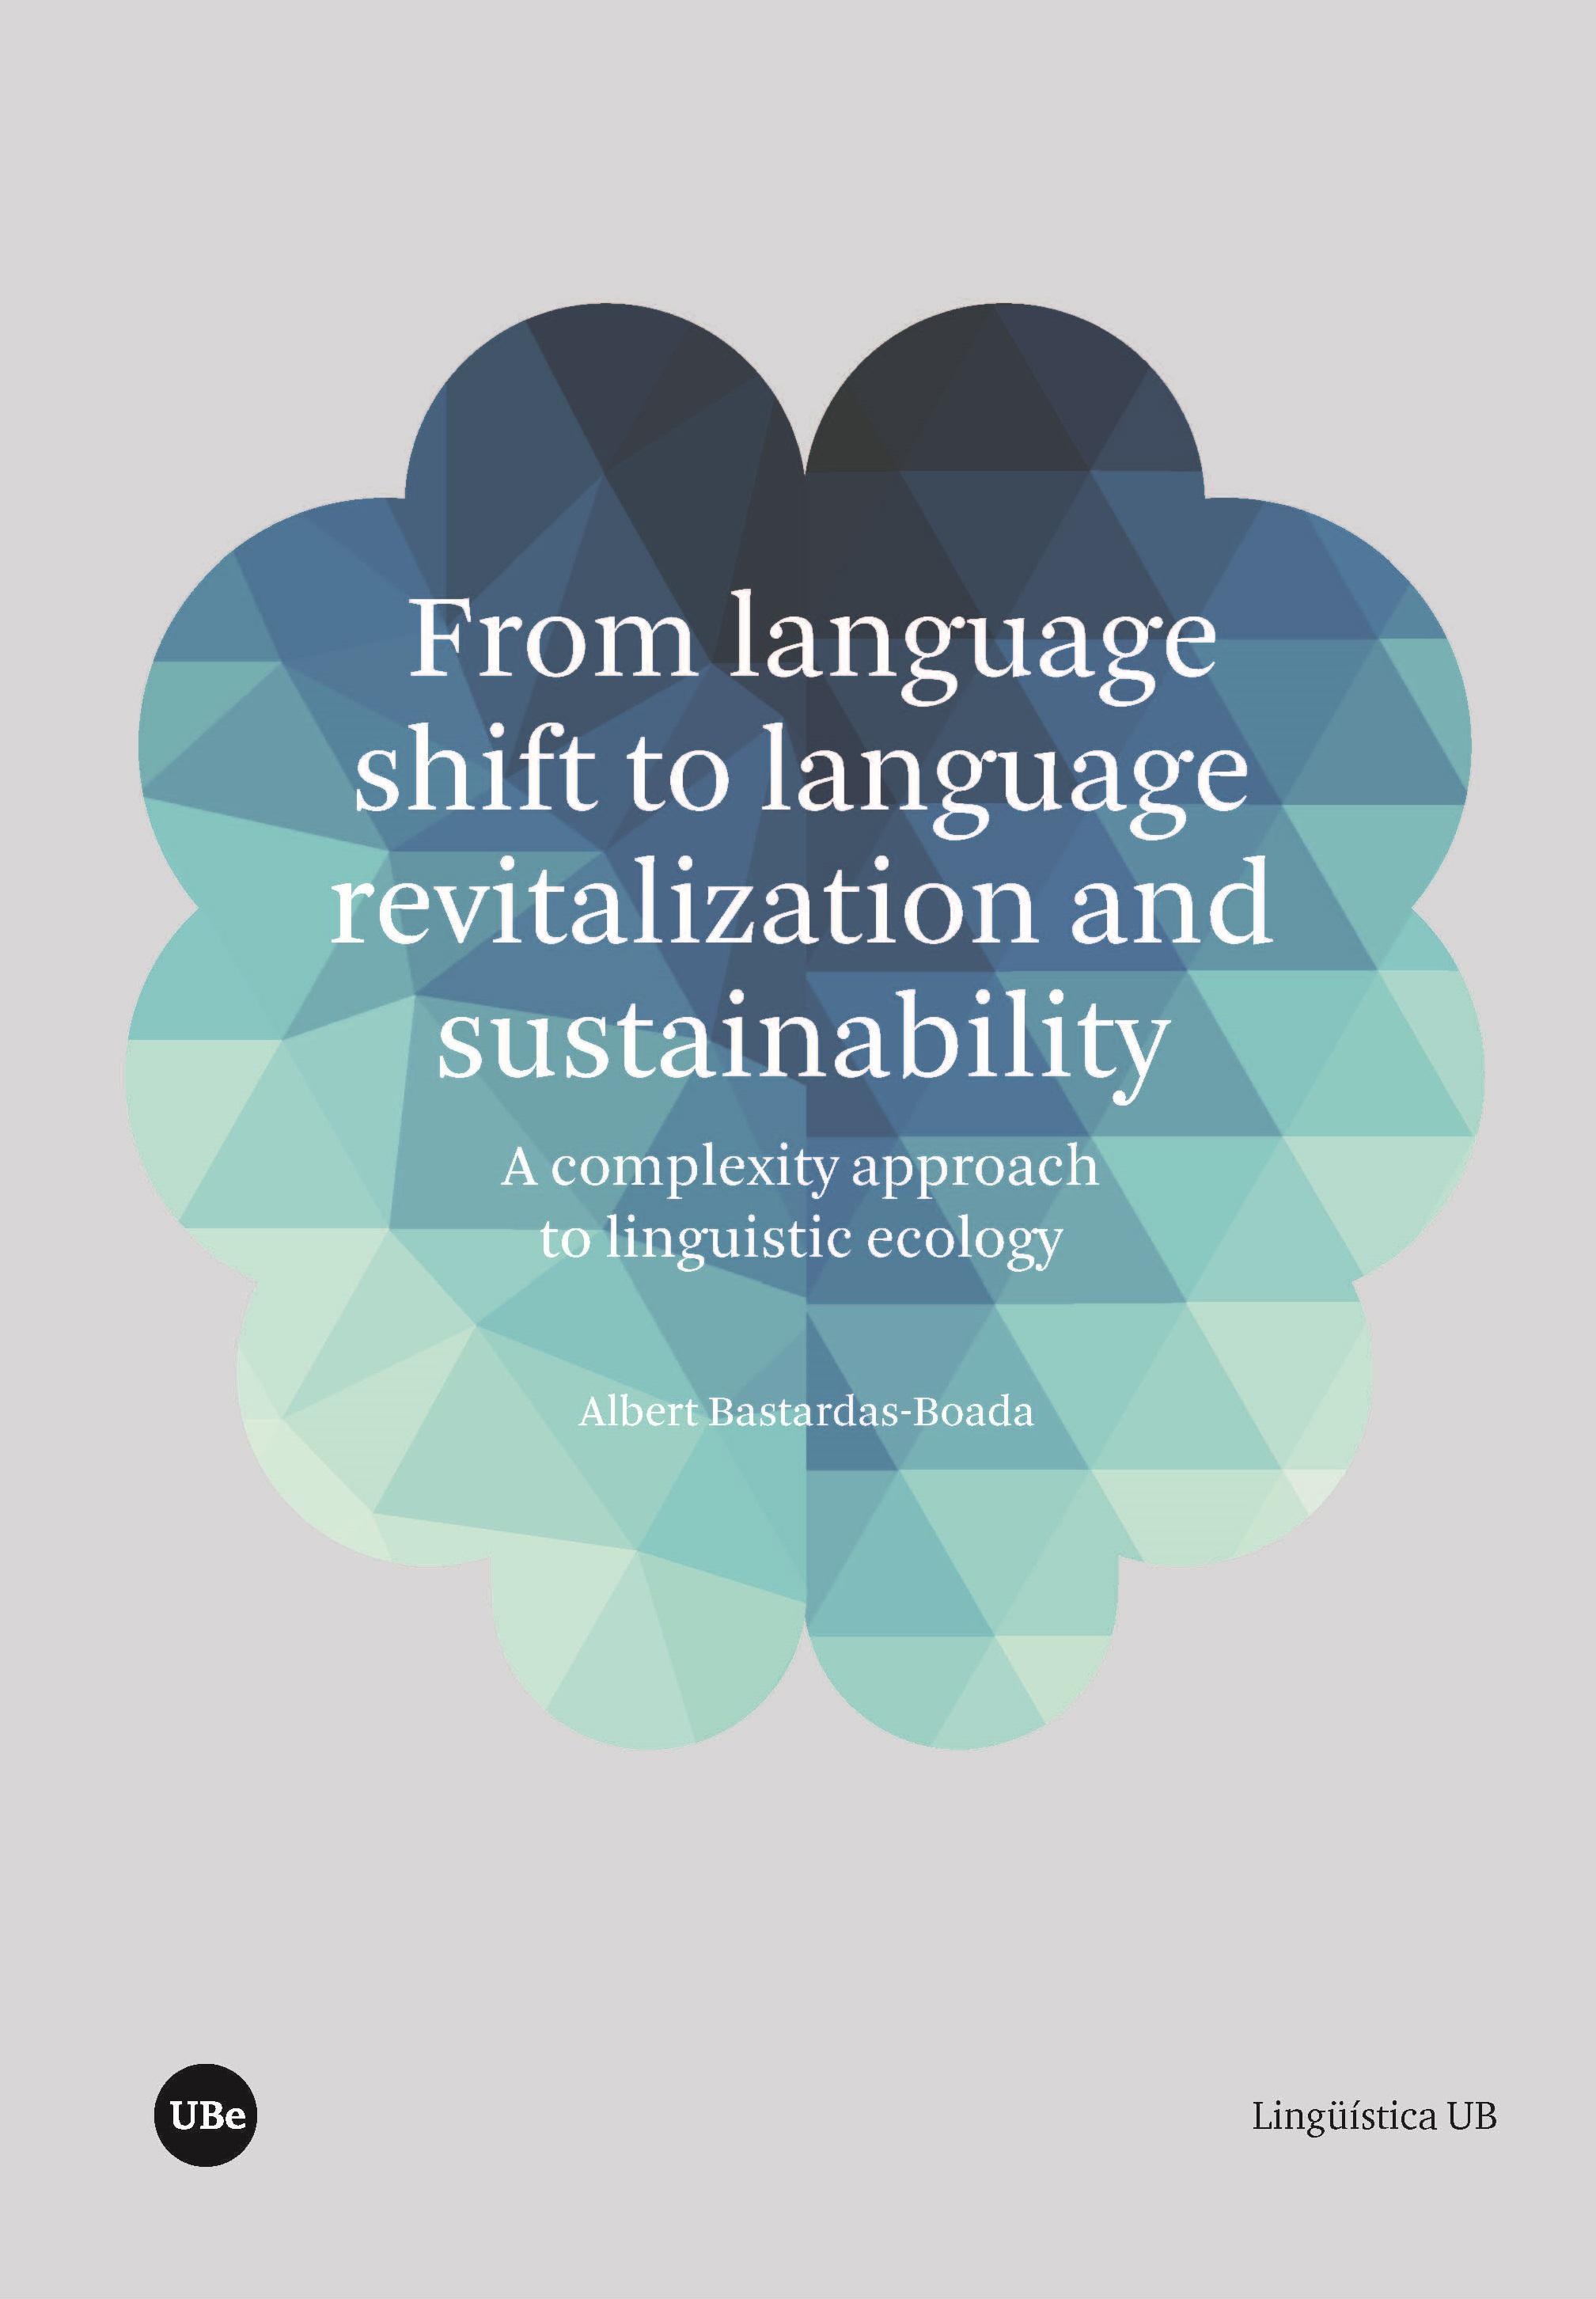 <em>From language shift to language revitalization and sustainability</em>